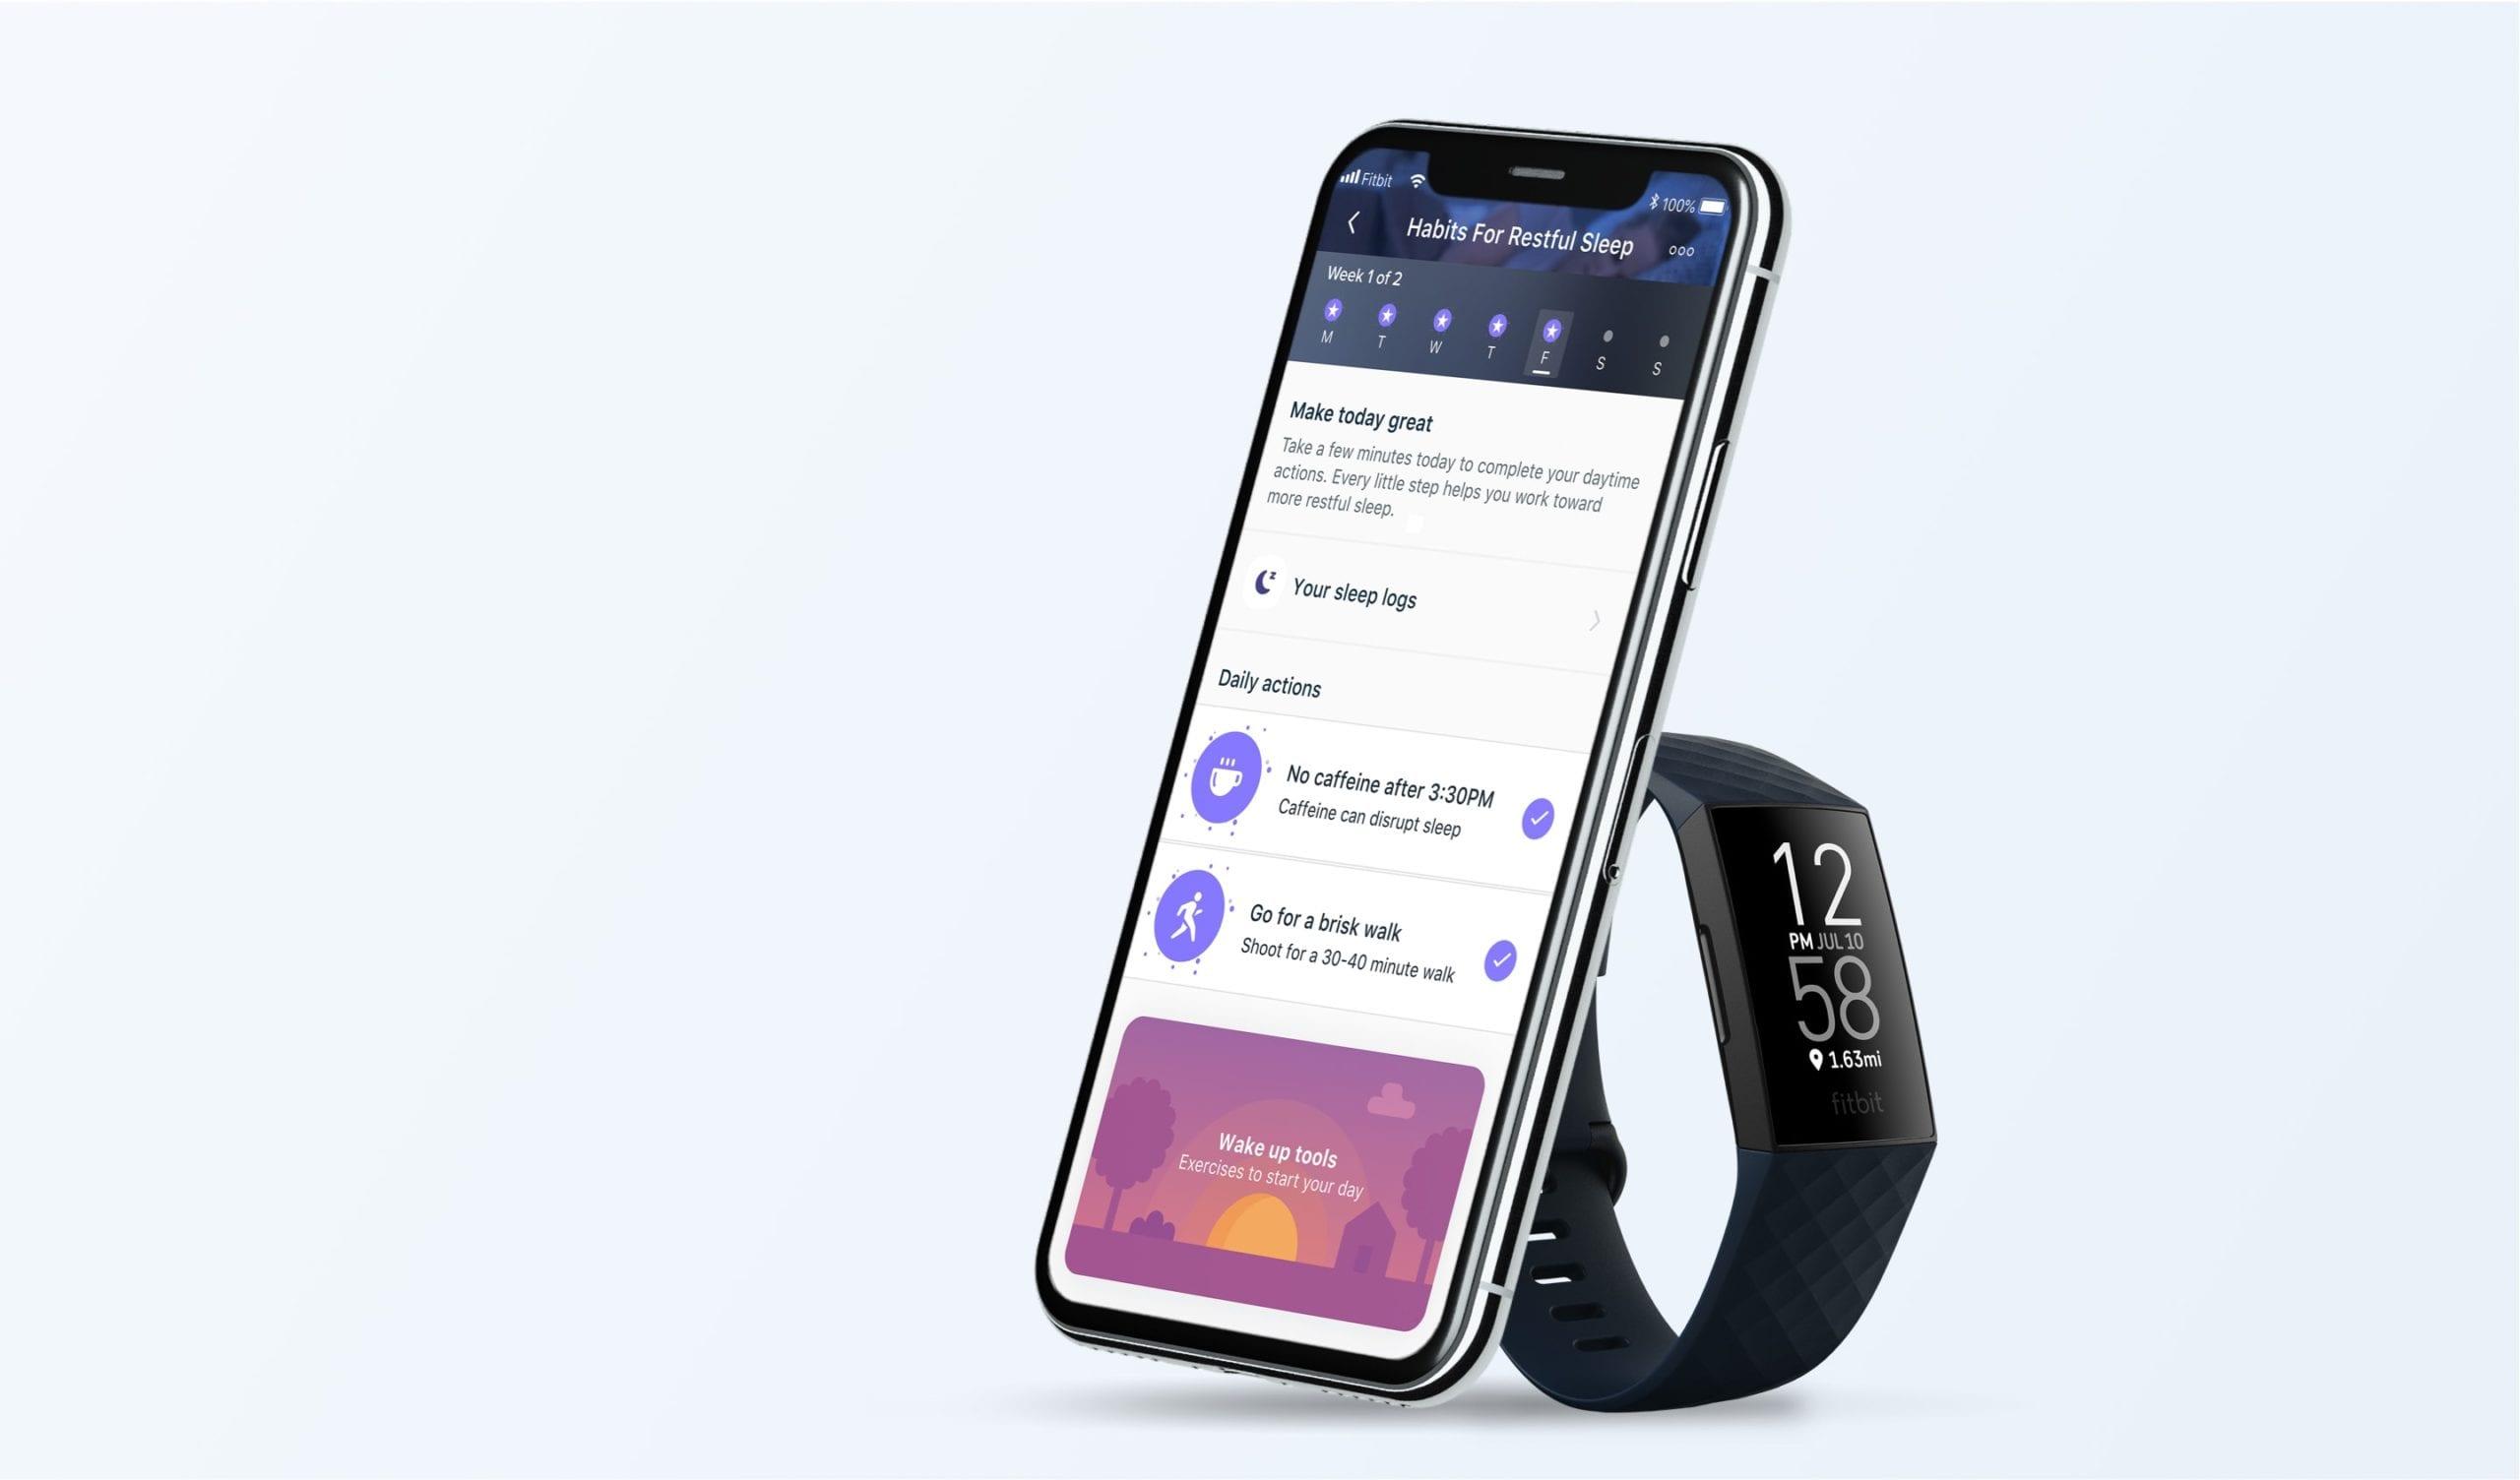 ¿Qué es Fitbit Premium y cómo se inicia sesión?